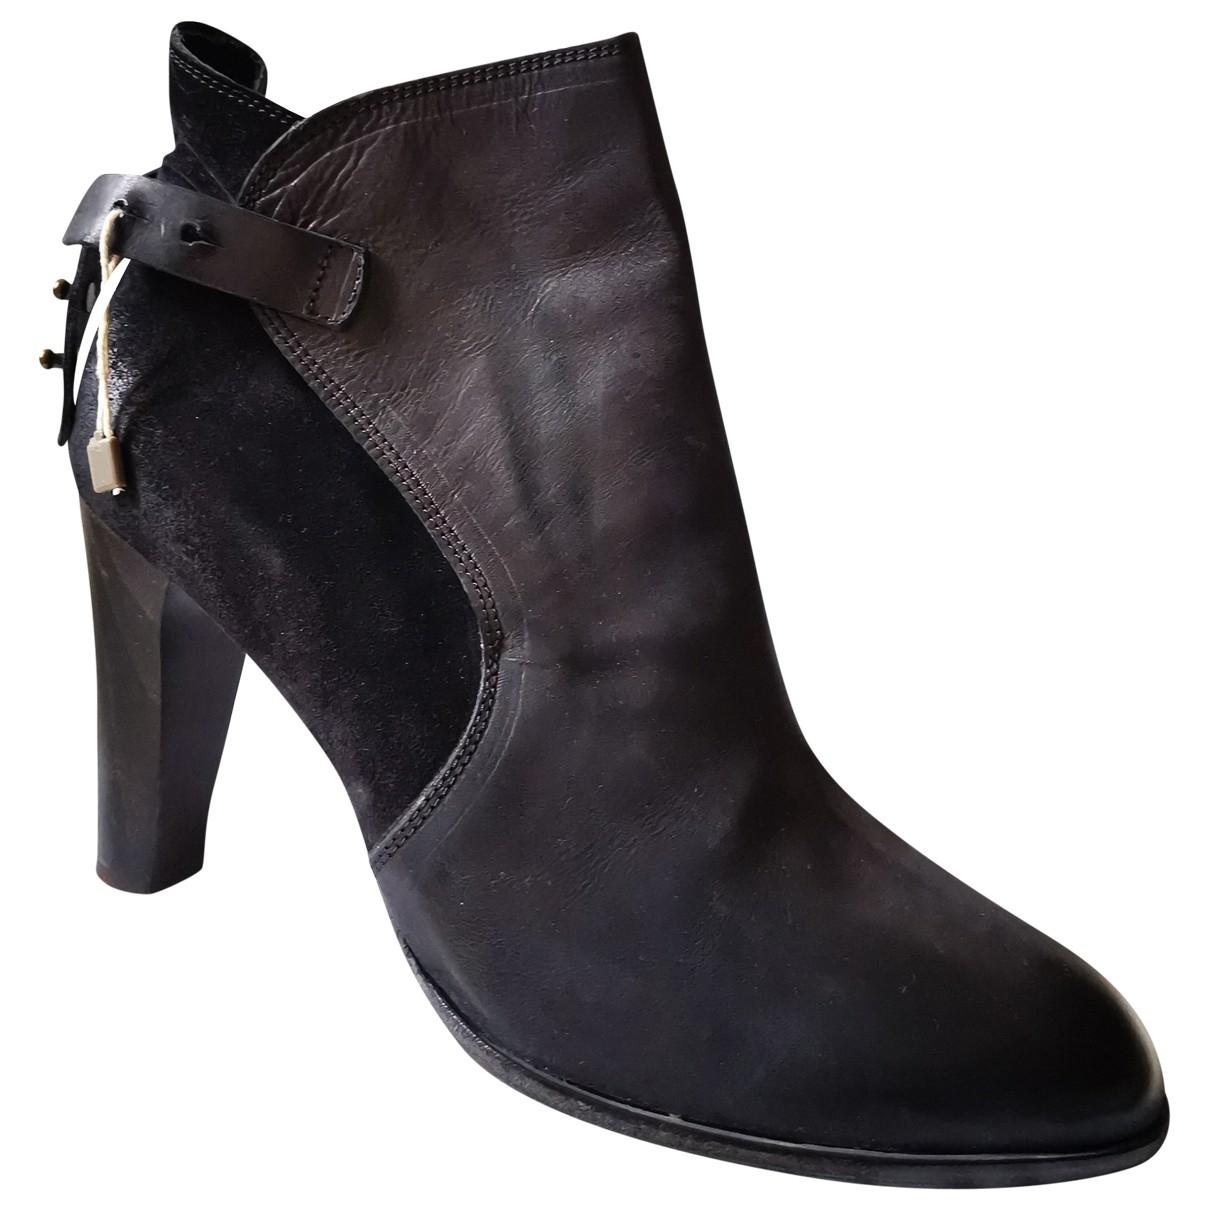 N.d.c. Made By Hand - Bottes   pour femme en cuir - noir